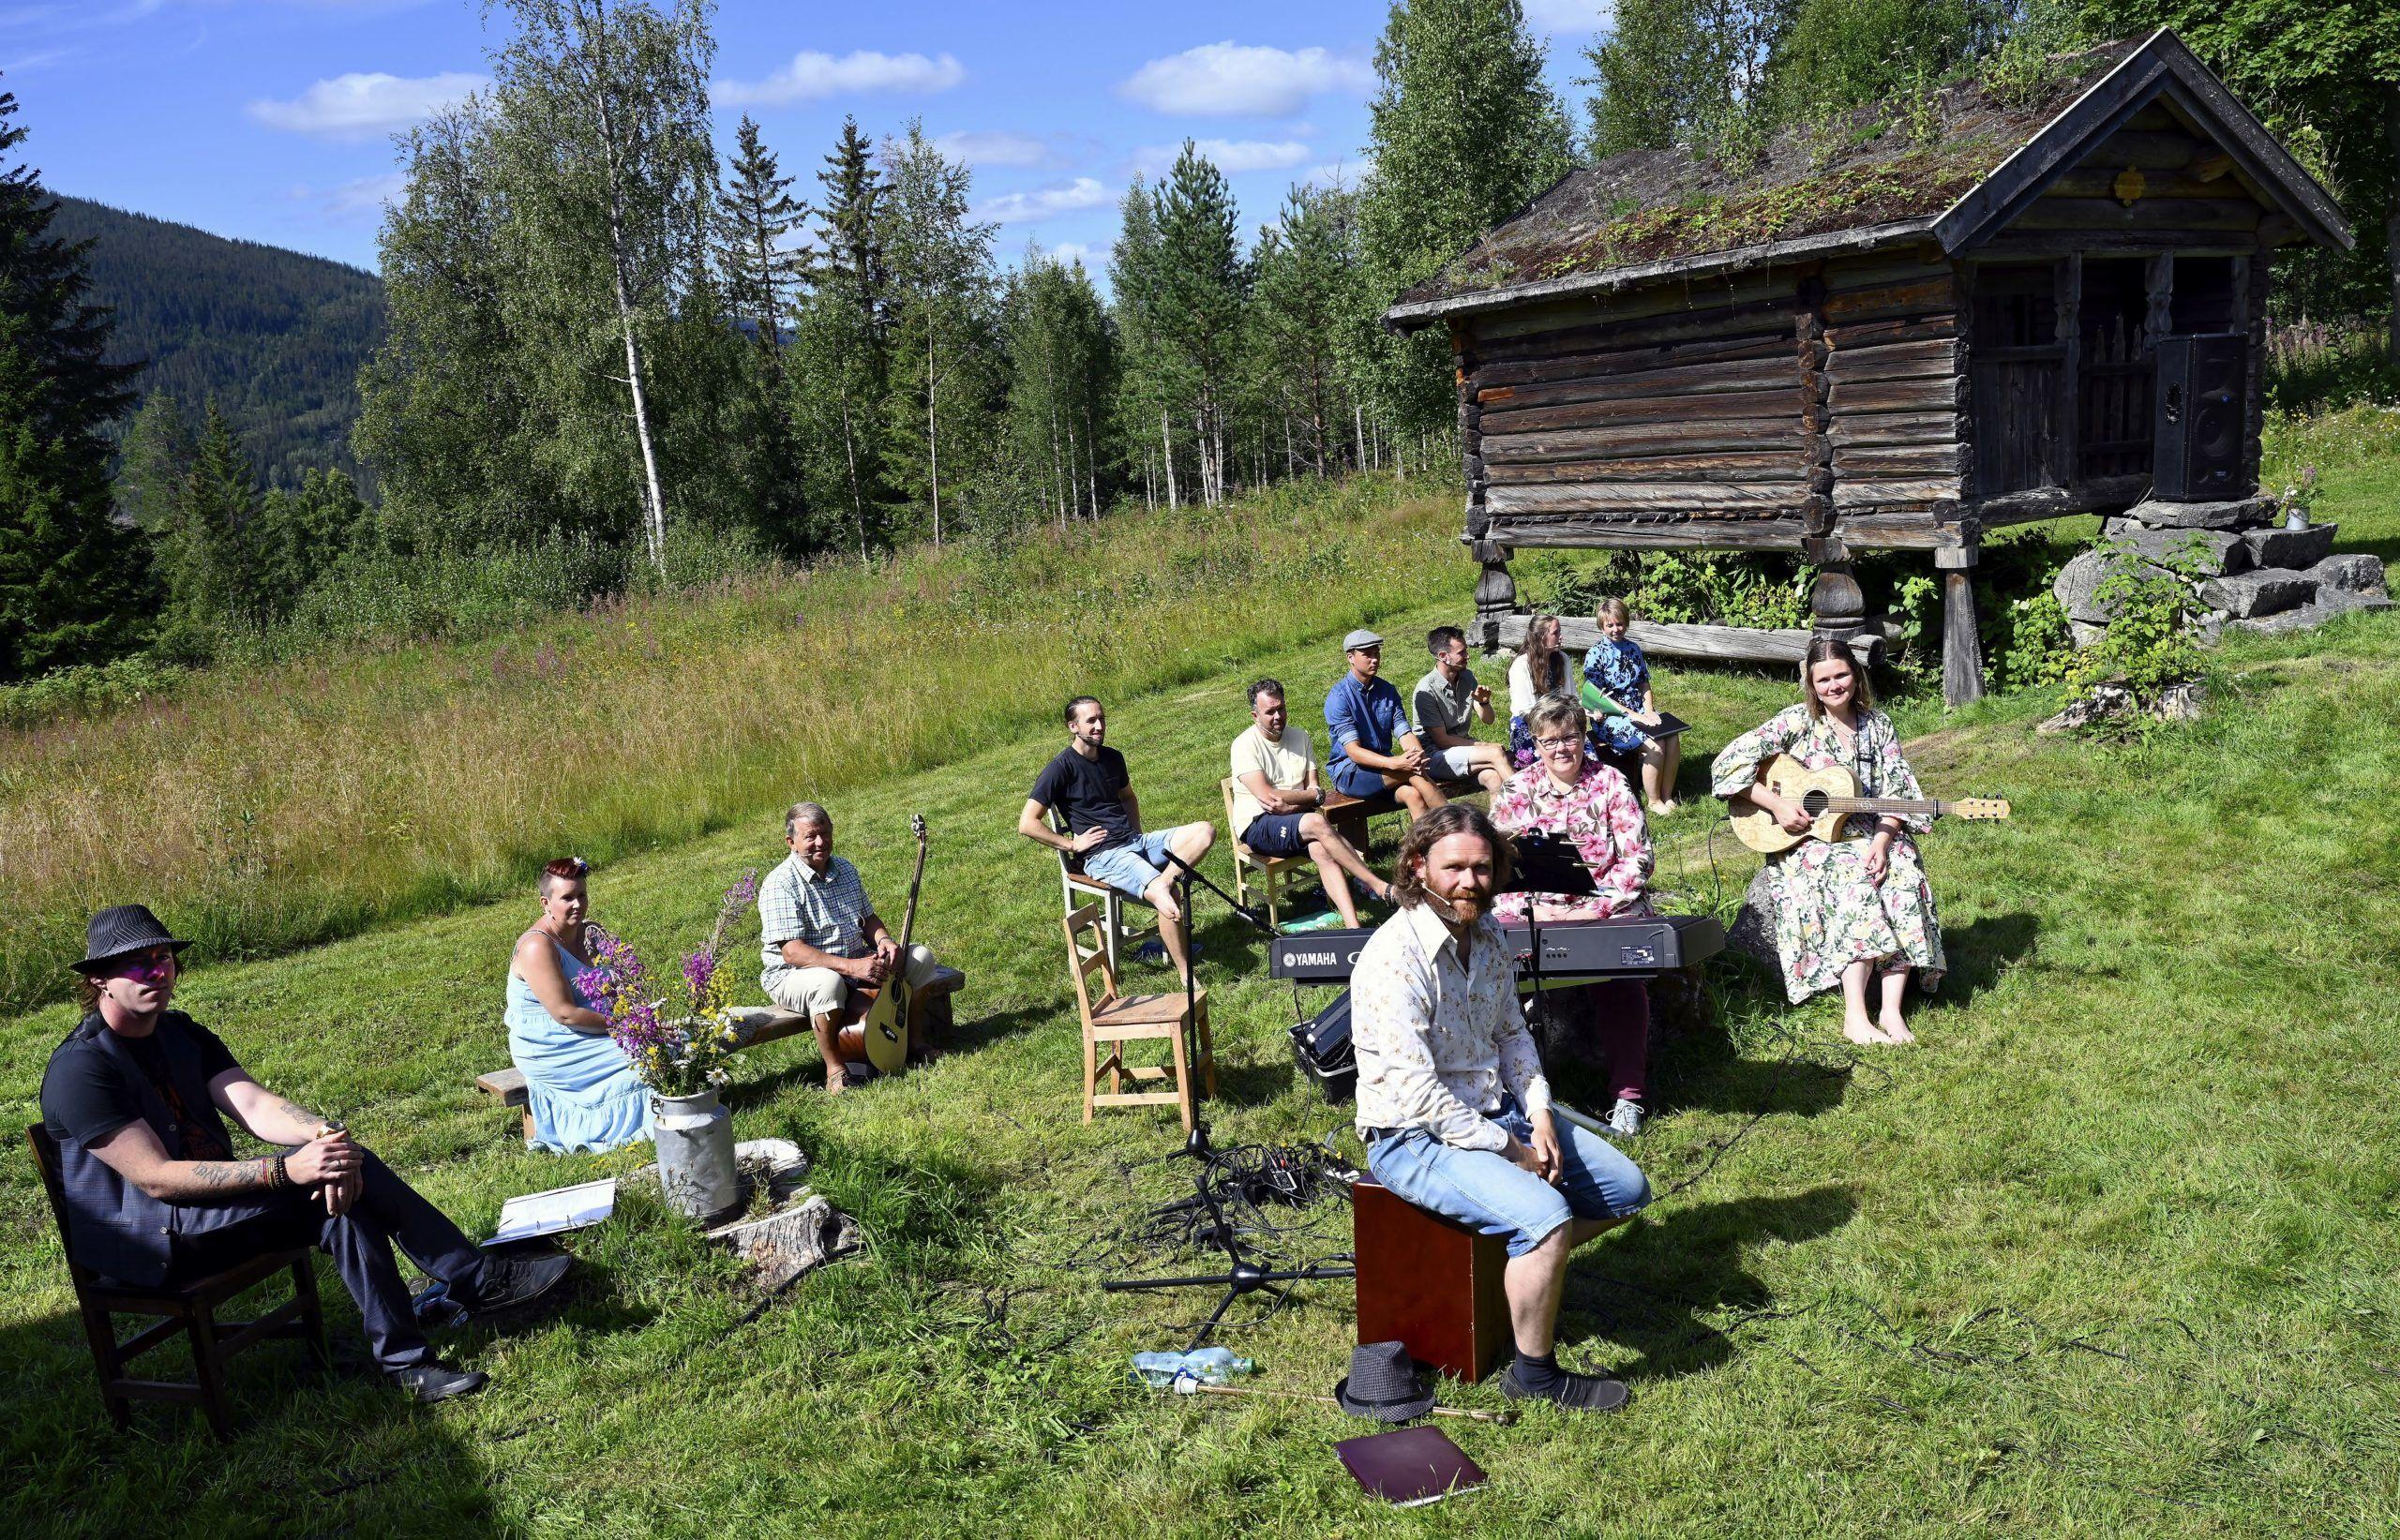 Aktørene. Foto: Arne G. Perlestenbakken